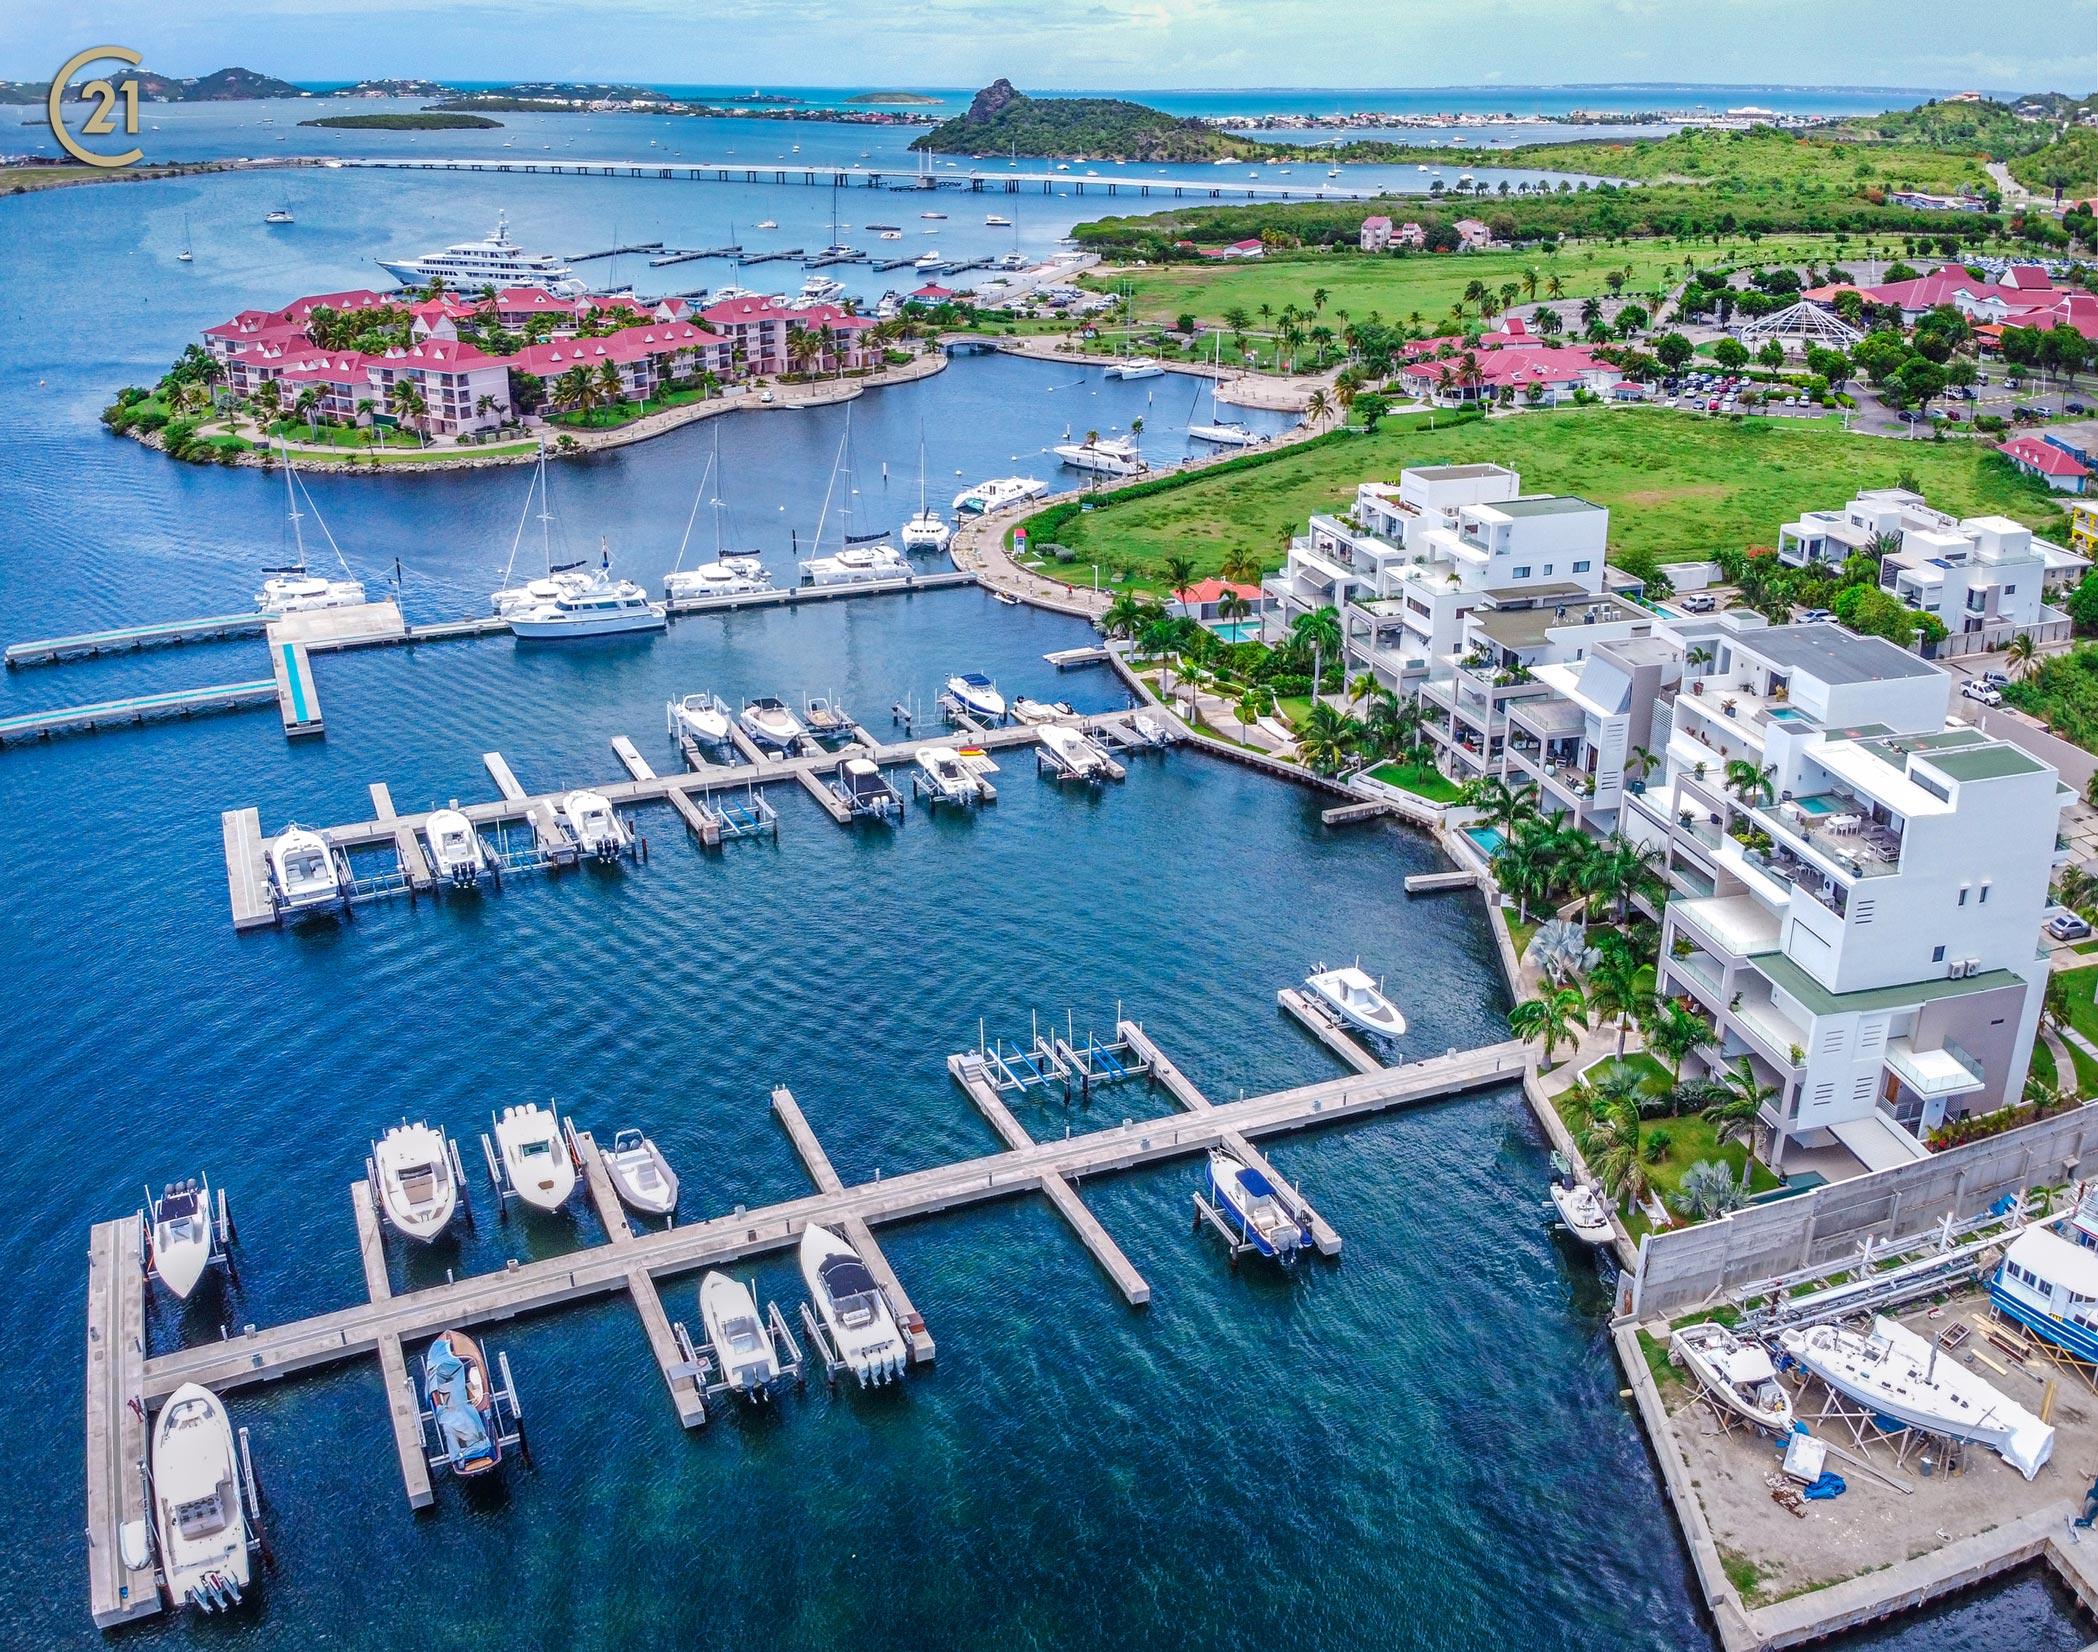 Las Brisas Three Bedroom St Maarten Condo With Boat Dock